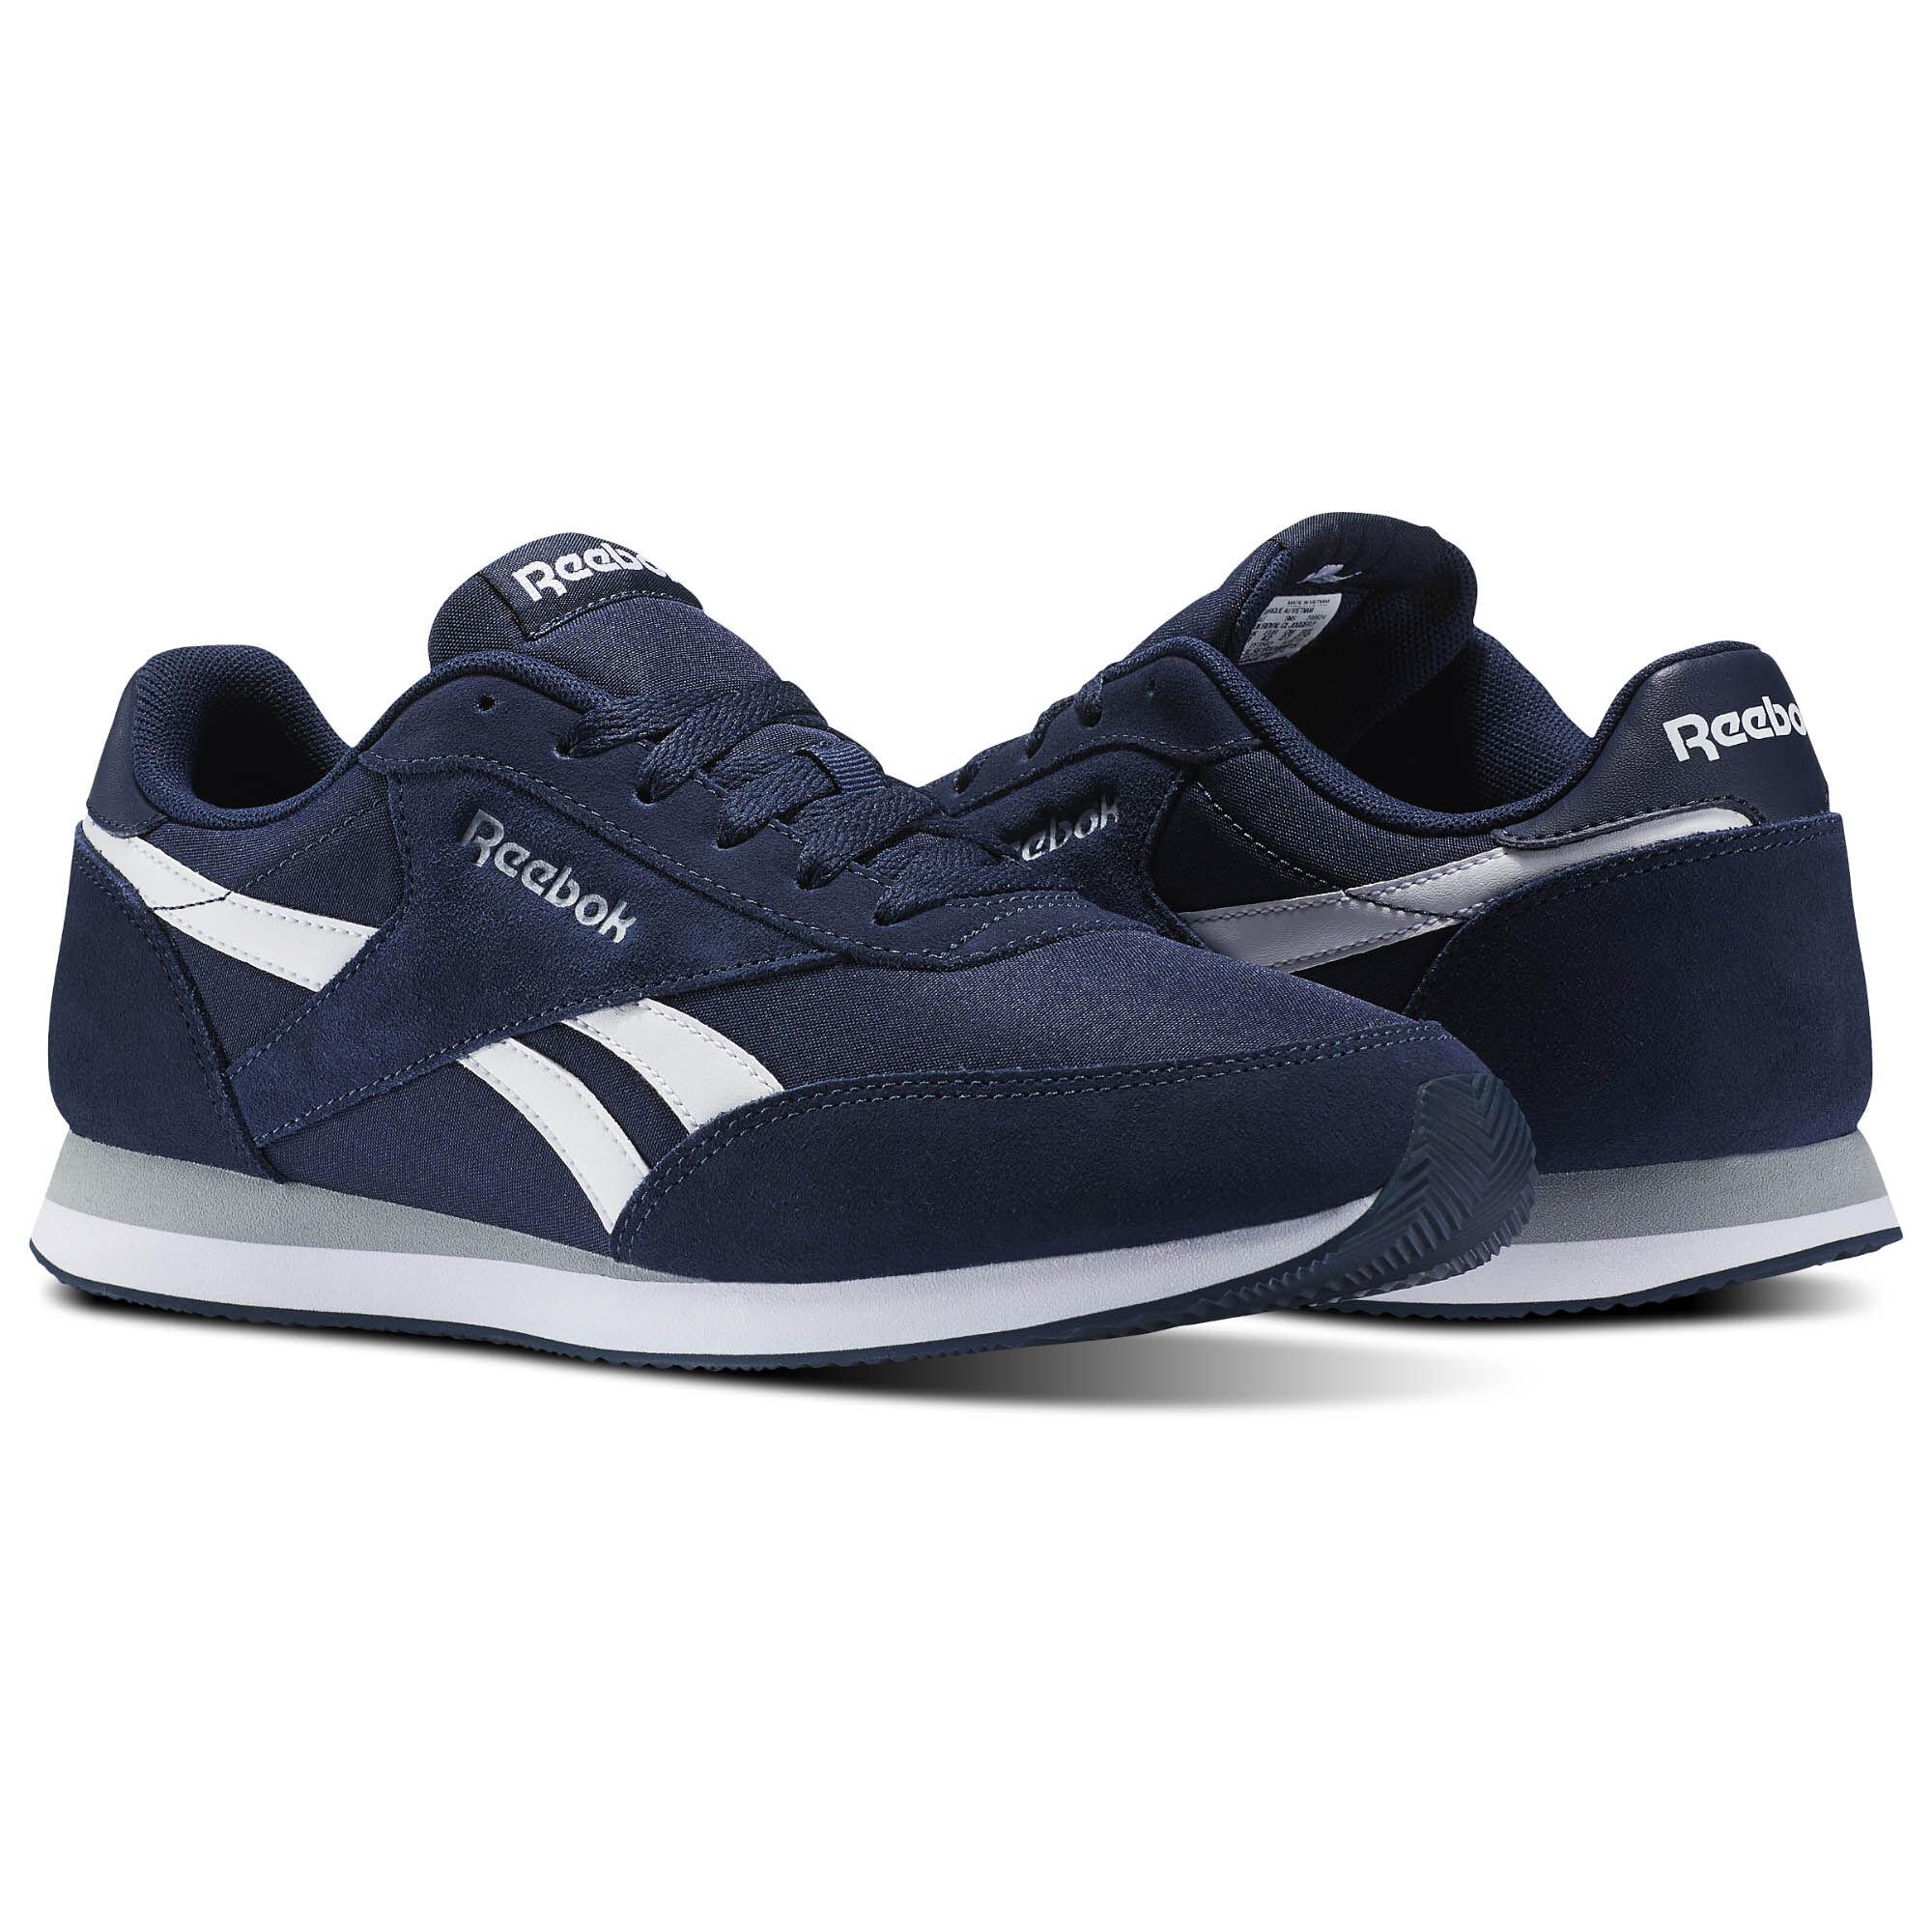 Reebok Classic Jogger Blue L35j4807 shoes onlin hot sale